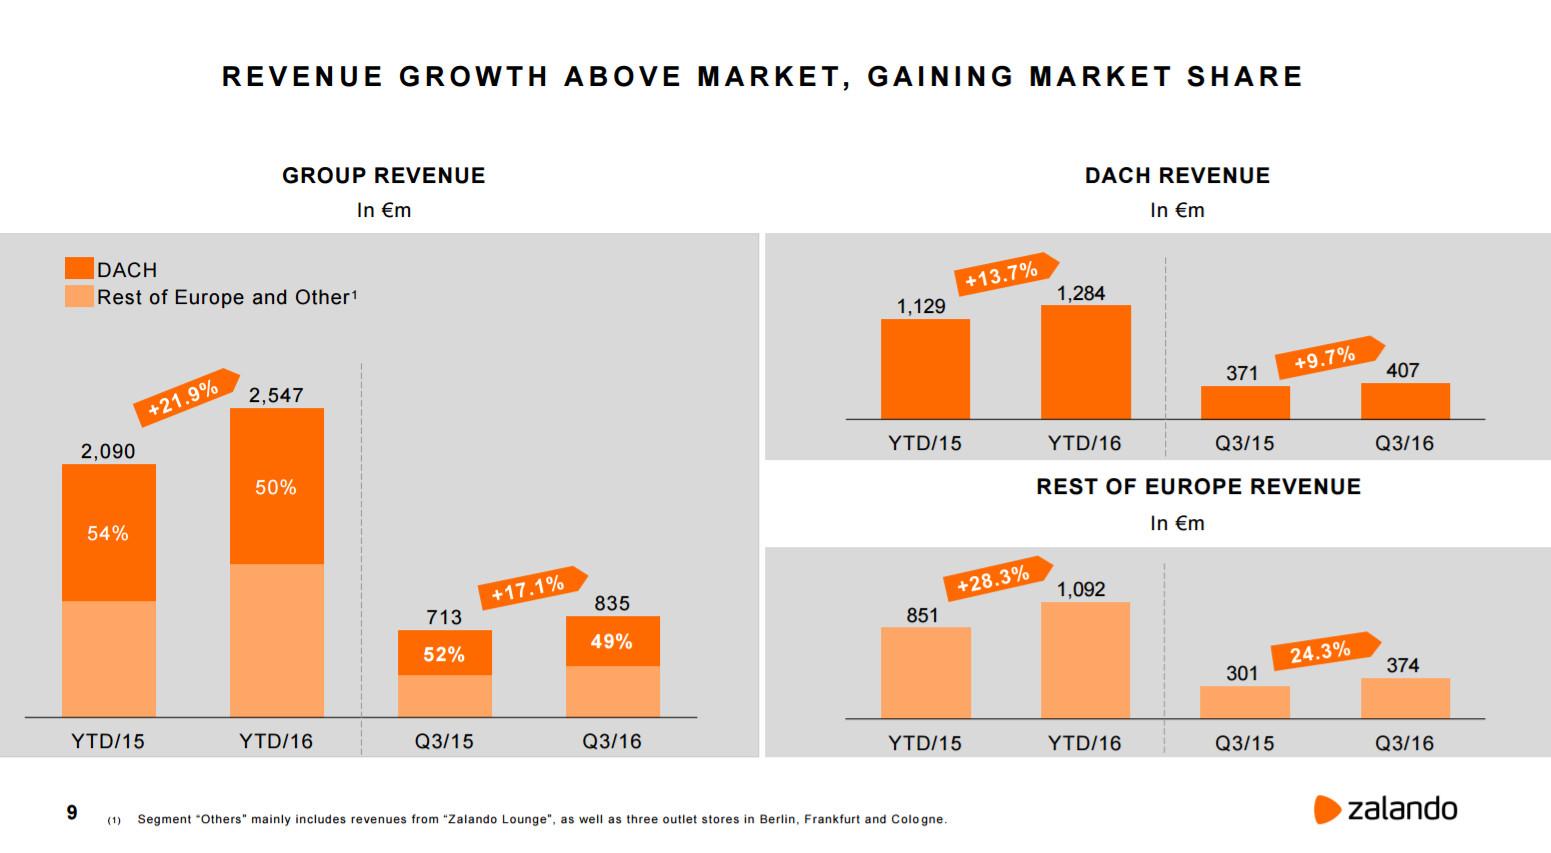 Zalando Wachstumswerte 3. Quartal 2016 - Quelle: Zalando